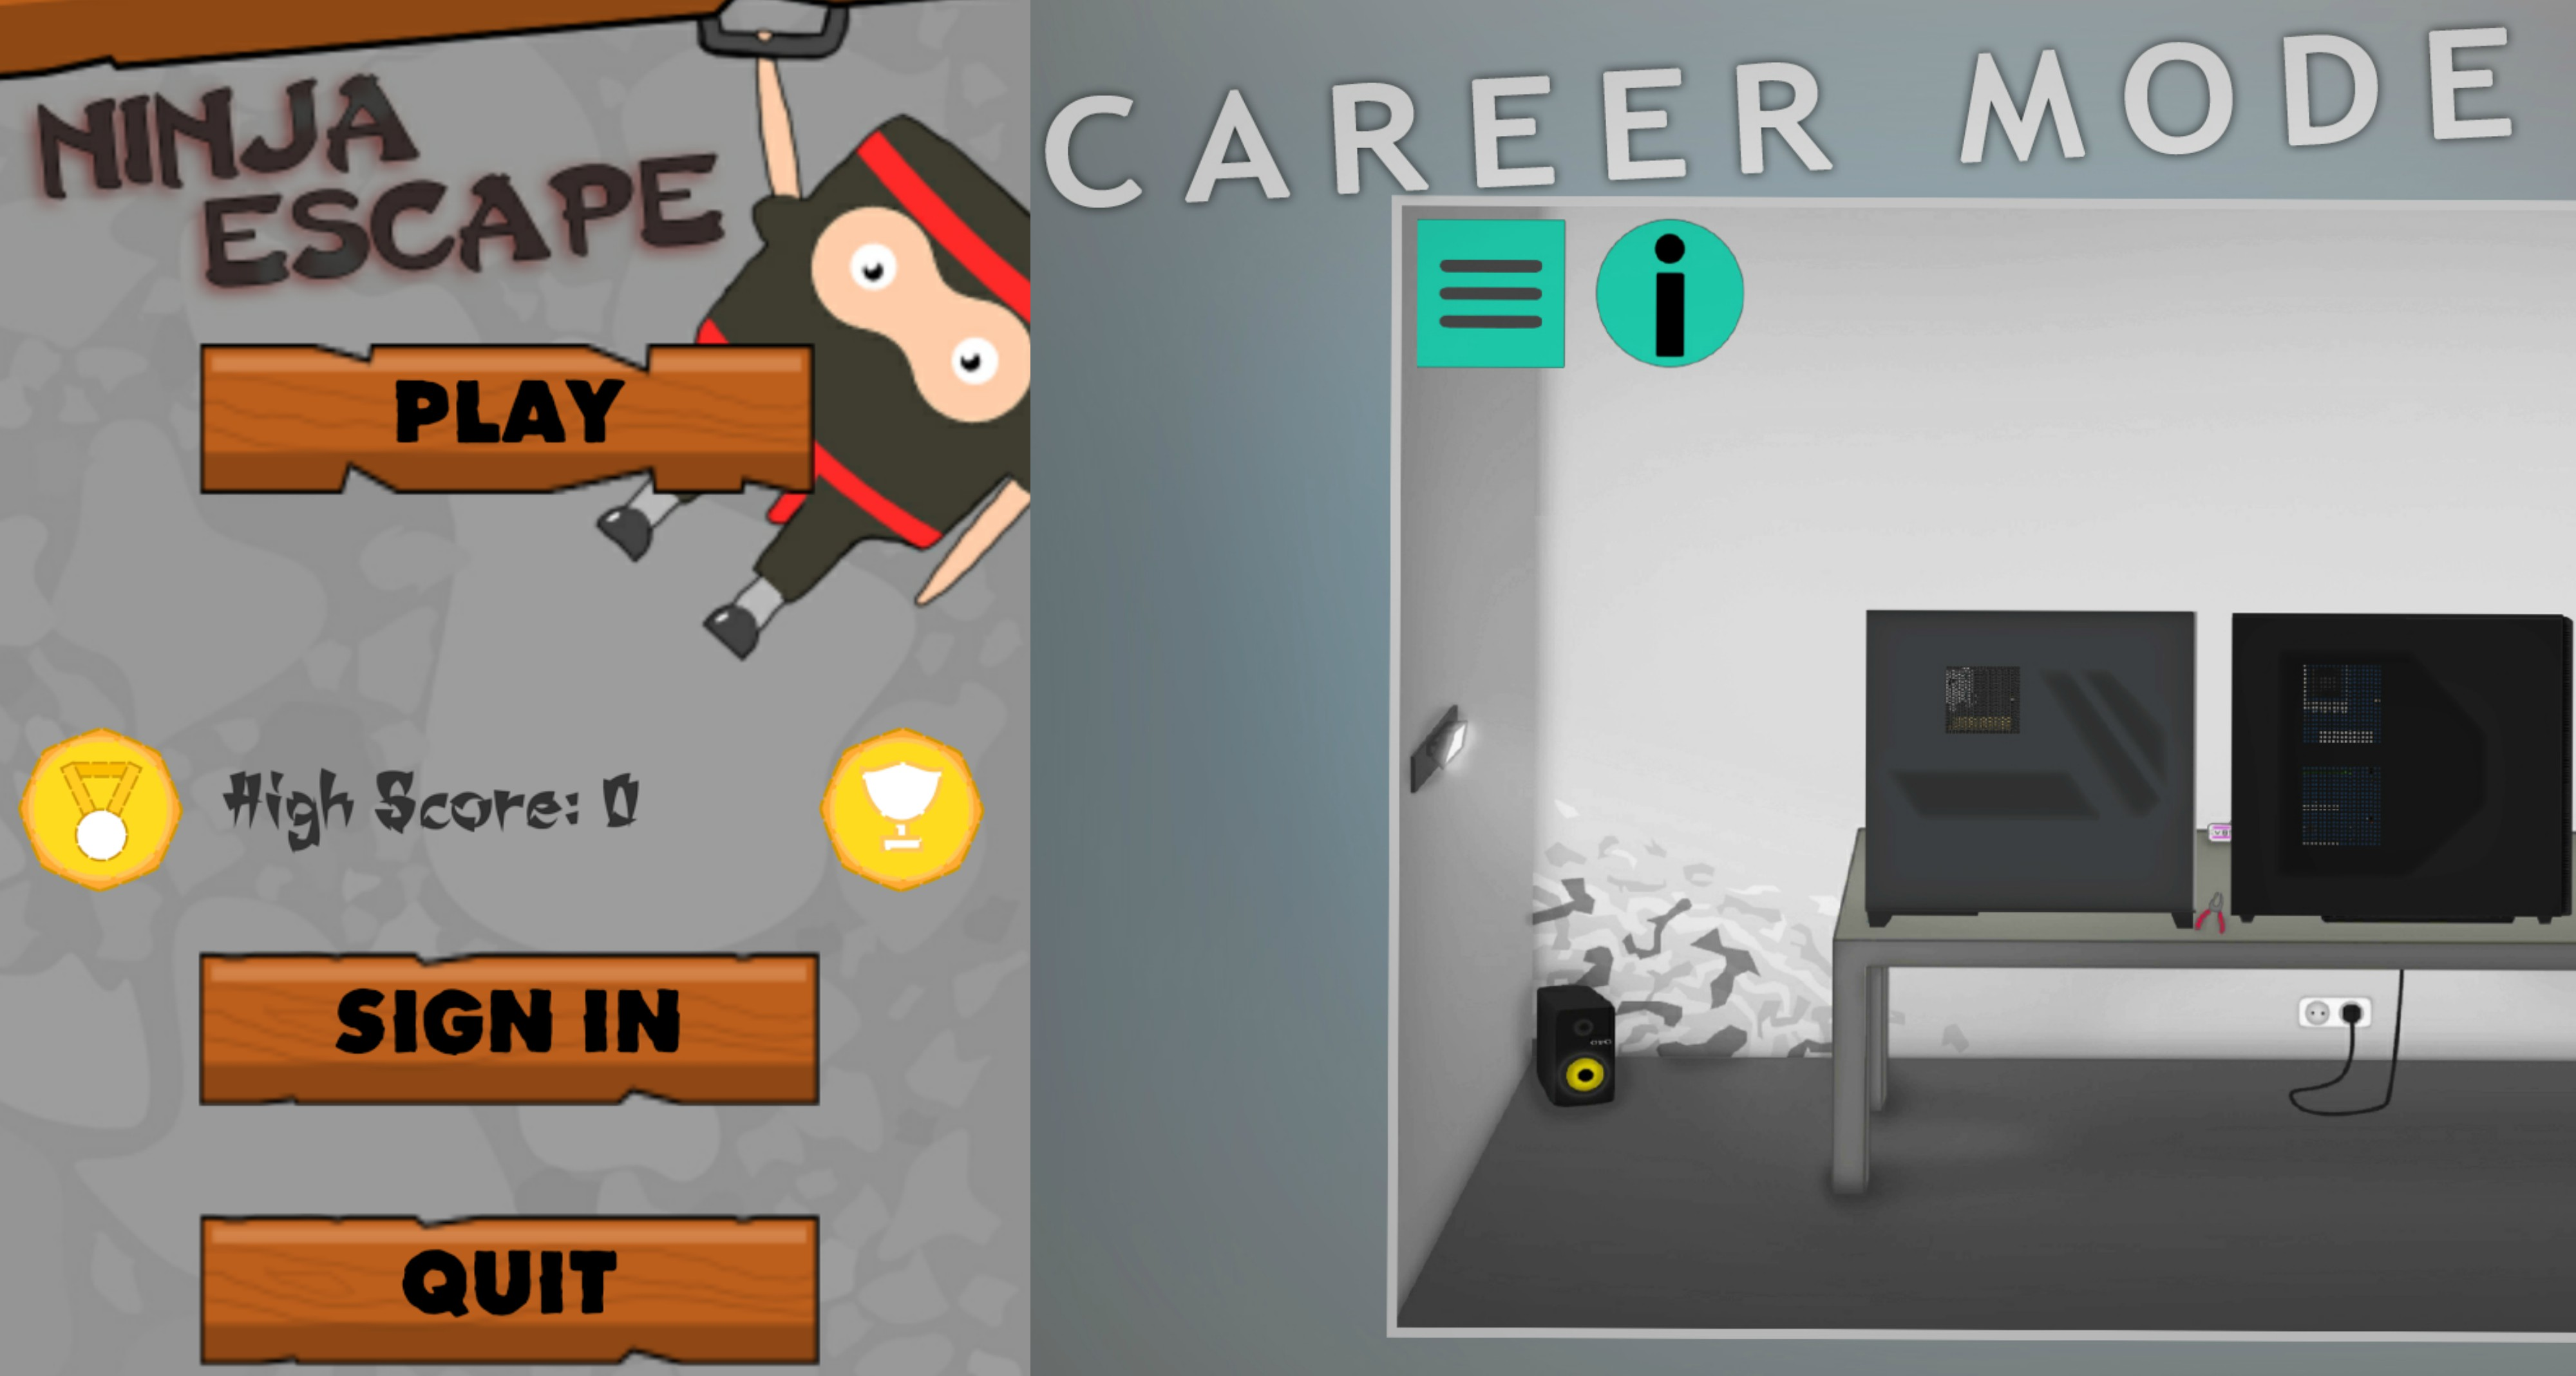 """Vienas pirmųjų ketveriukės """"kūdikių"""" – žaidimas, kurio pagrindinis herojus – Nindzė. Jį į savo elektronikos įrenginius yra atsisiuntę ir išbandę 500 vartotojų. Simuliacinį žaidimą """"PC Architect"""", prie kurio jauni kėdainiečiai pluša jau visus metus – tūkstančiu kartų daugiau – per 500 tūkstančių žmonių."""